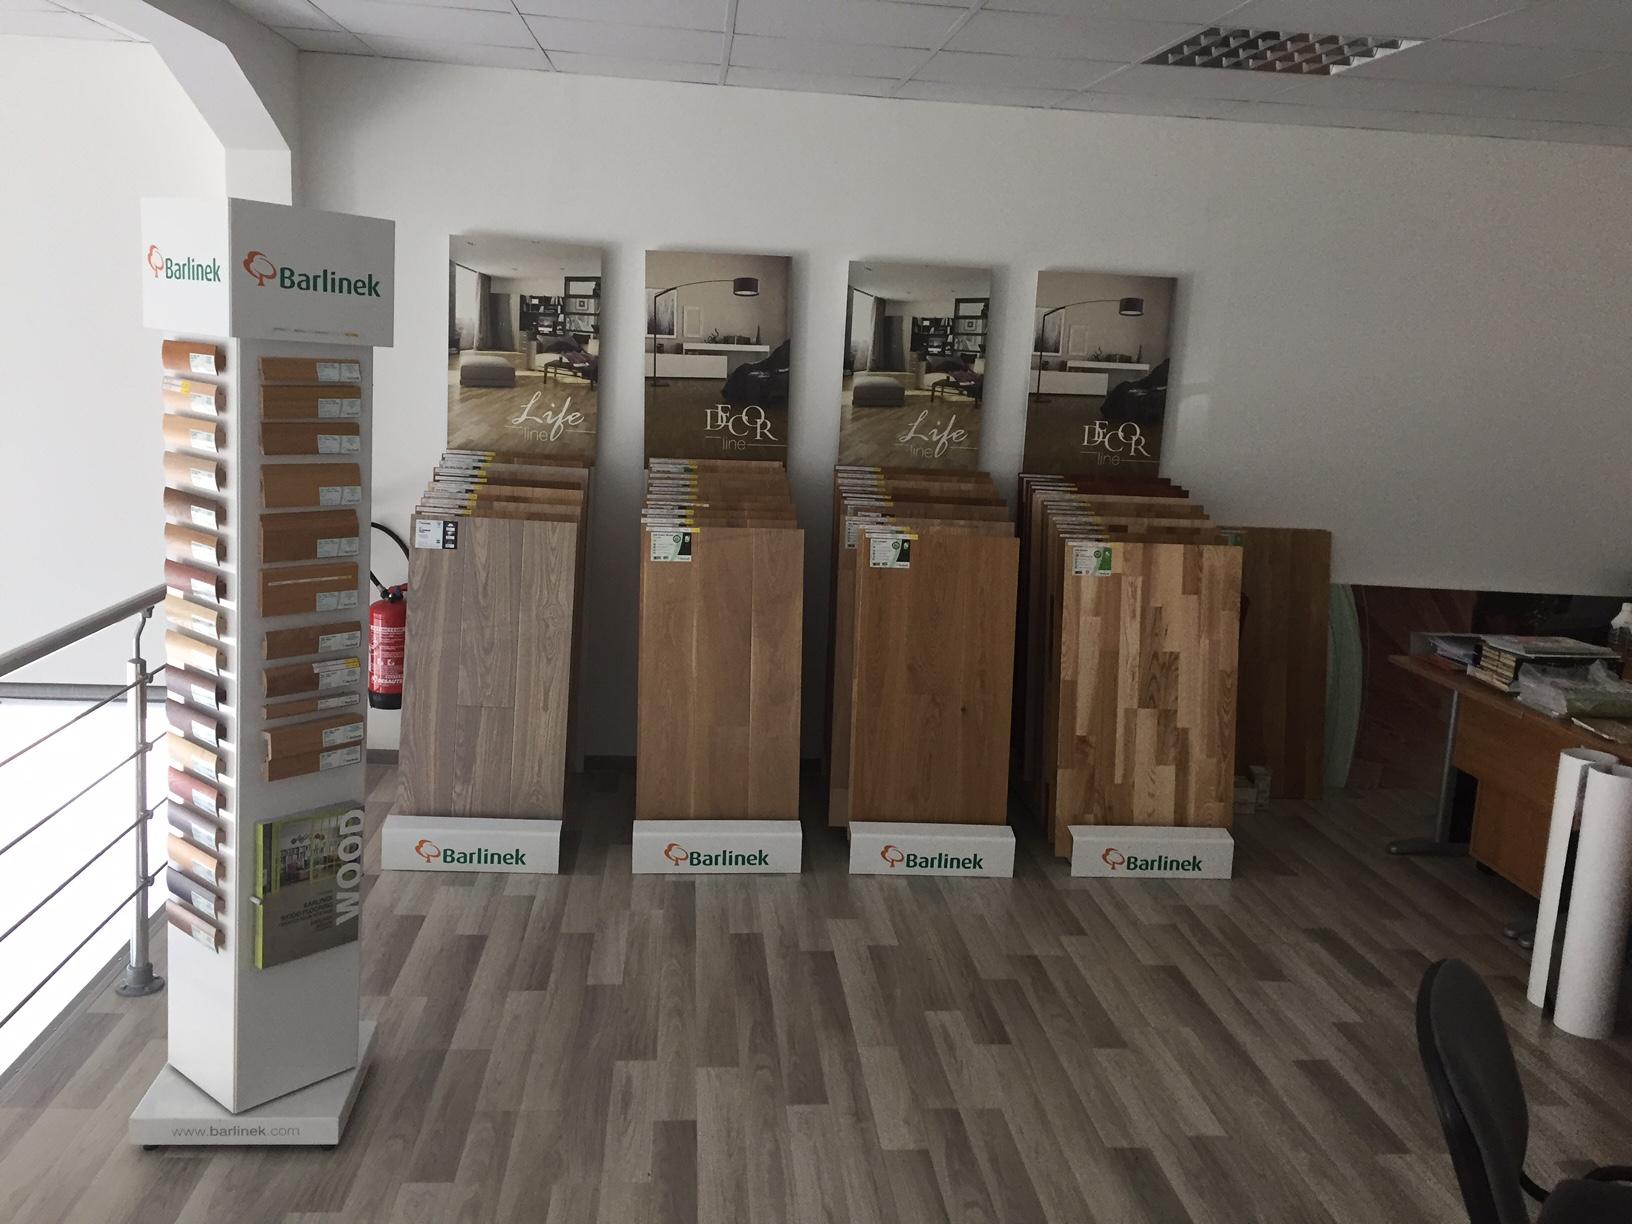 Vente en ligne de po les granul s bois et po les bois au meilleur prix - Meilleur marque de granules de bois ...